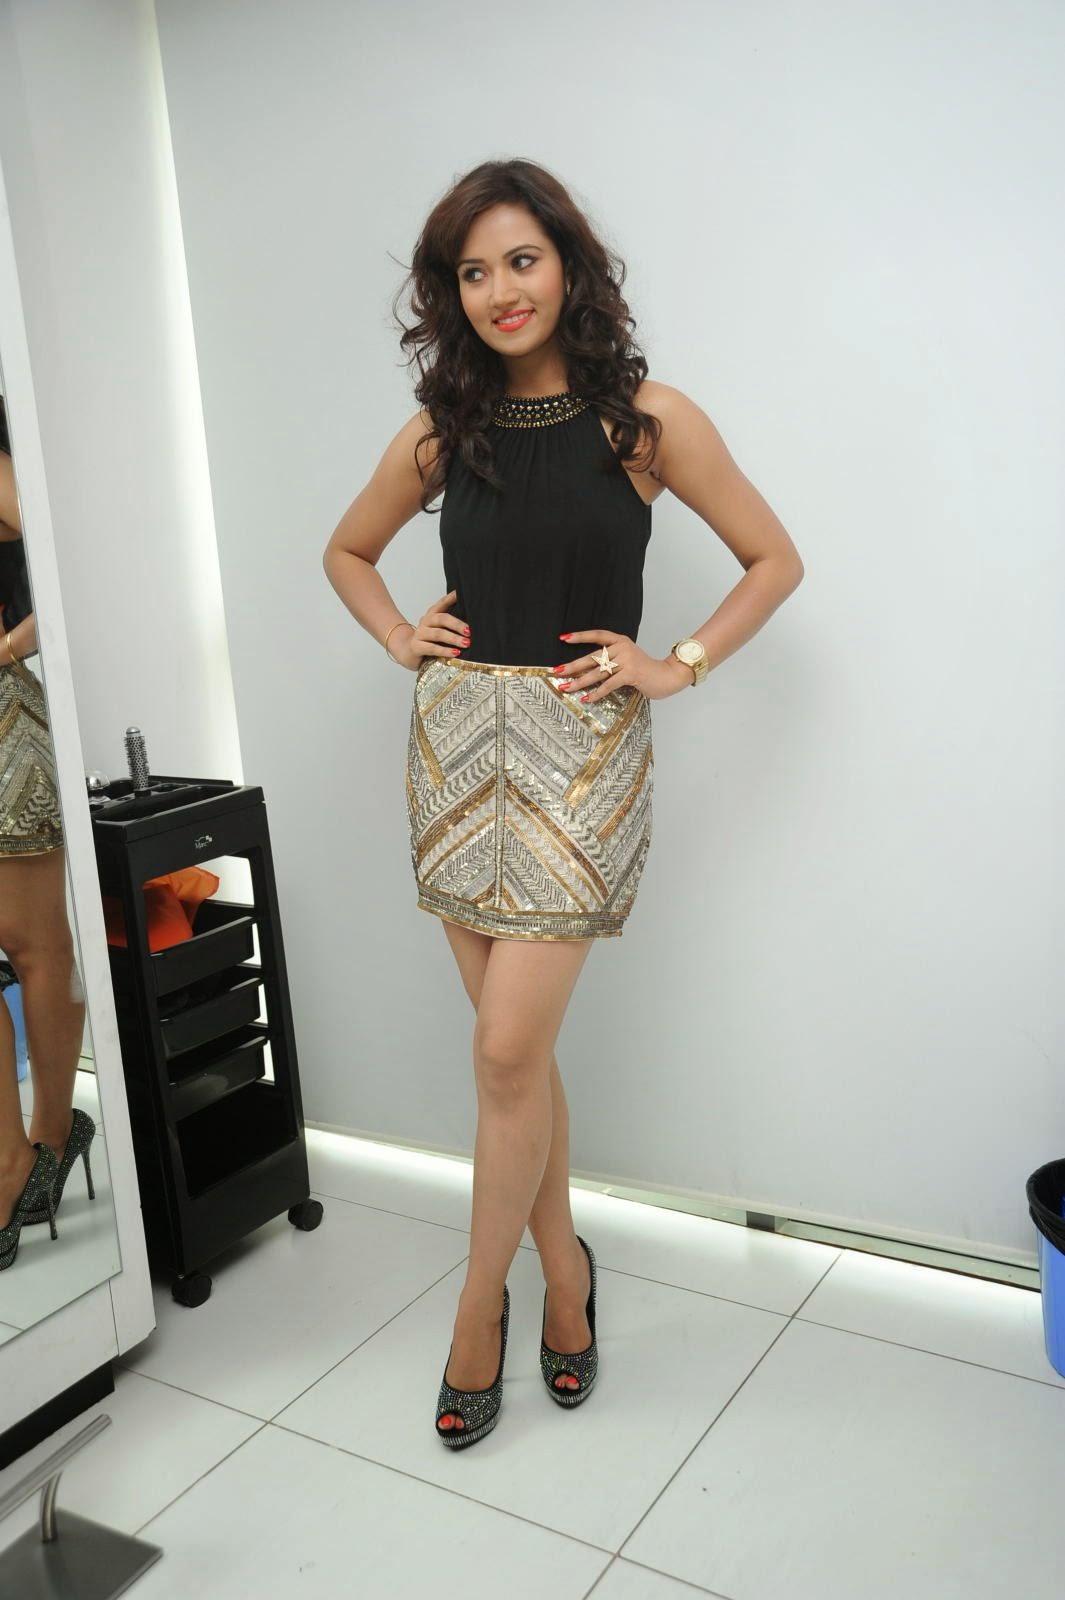 Preethi Rana Glamorous photos-HQ-Photo-12